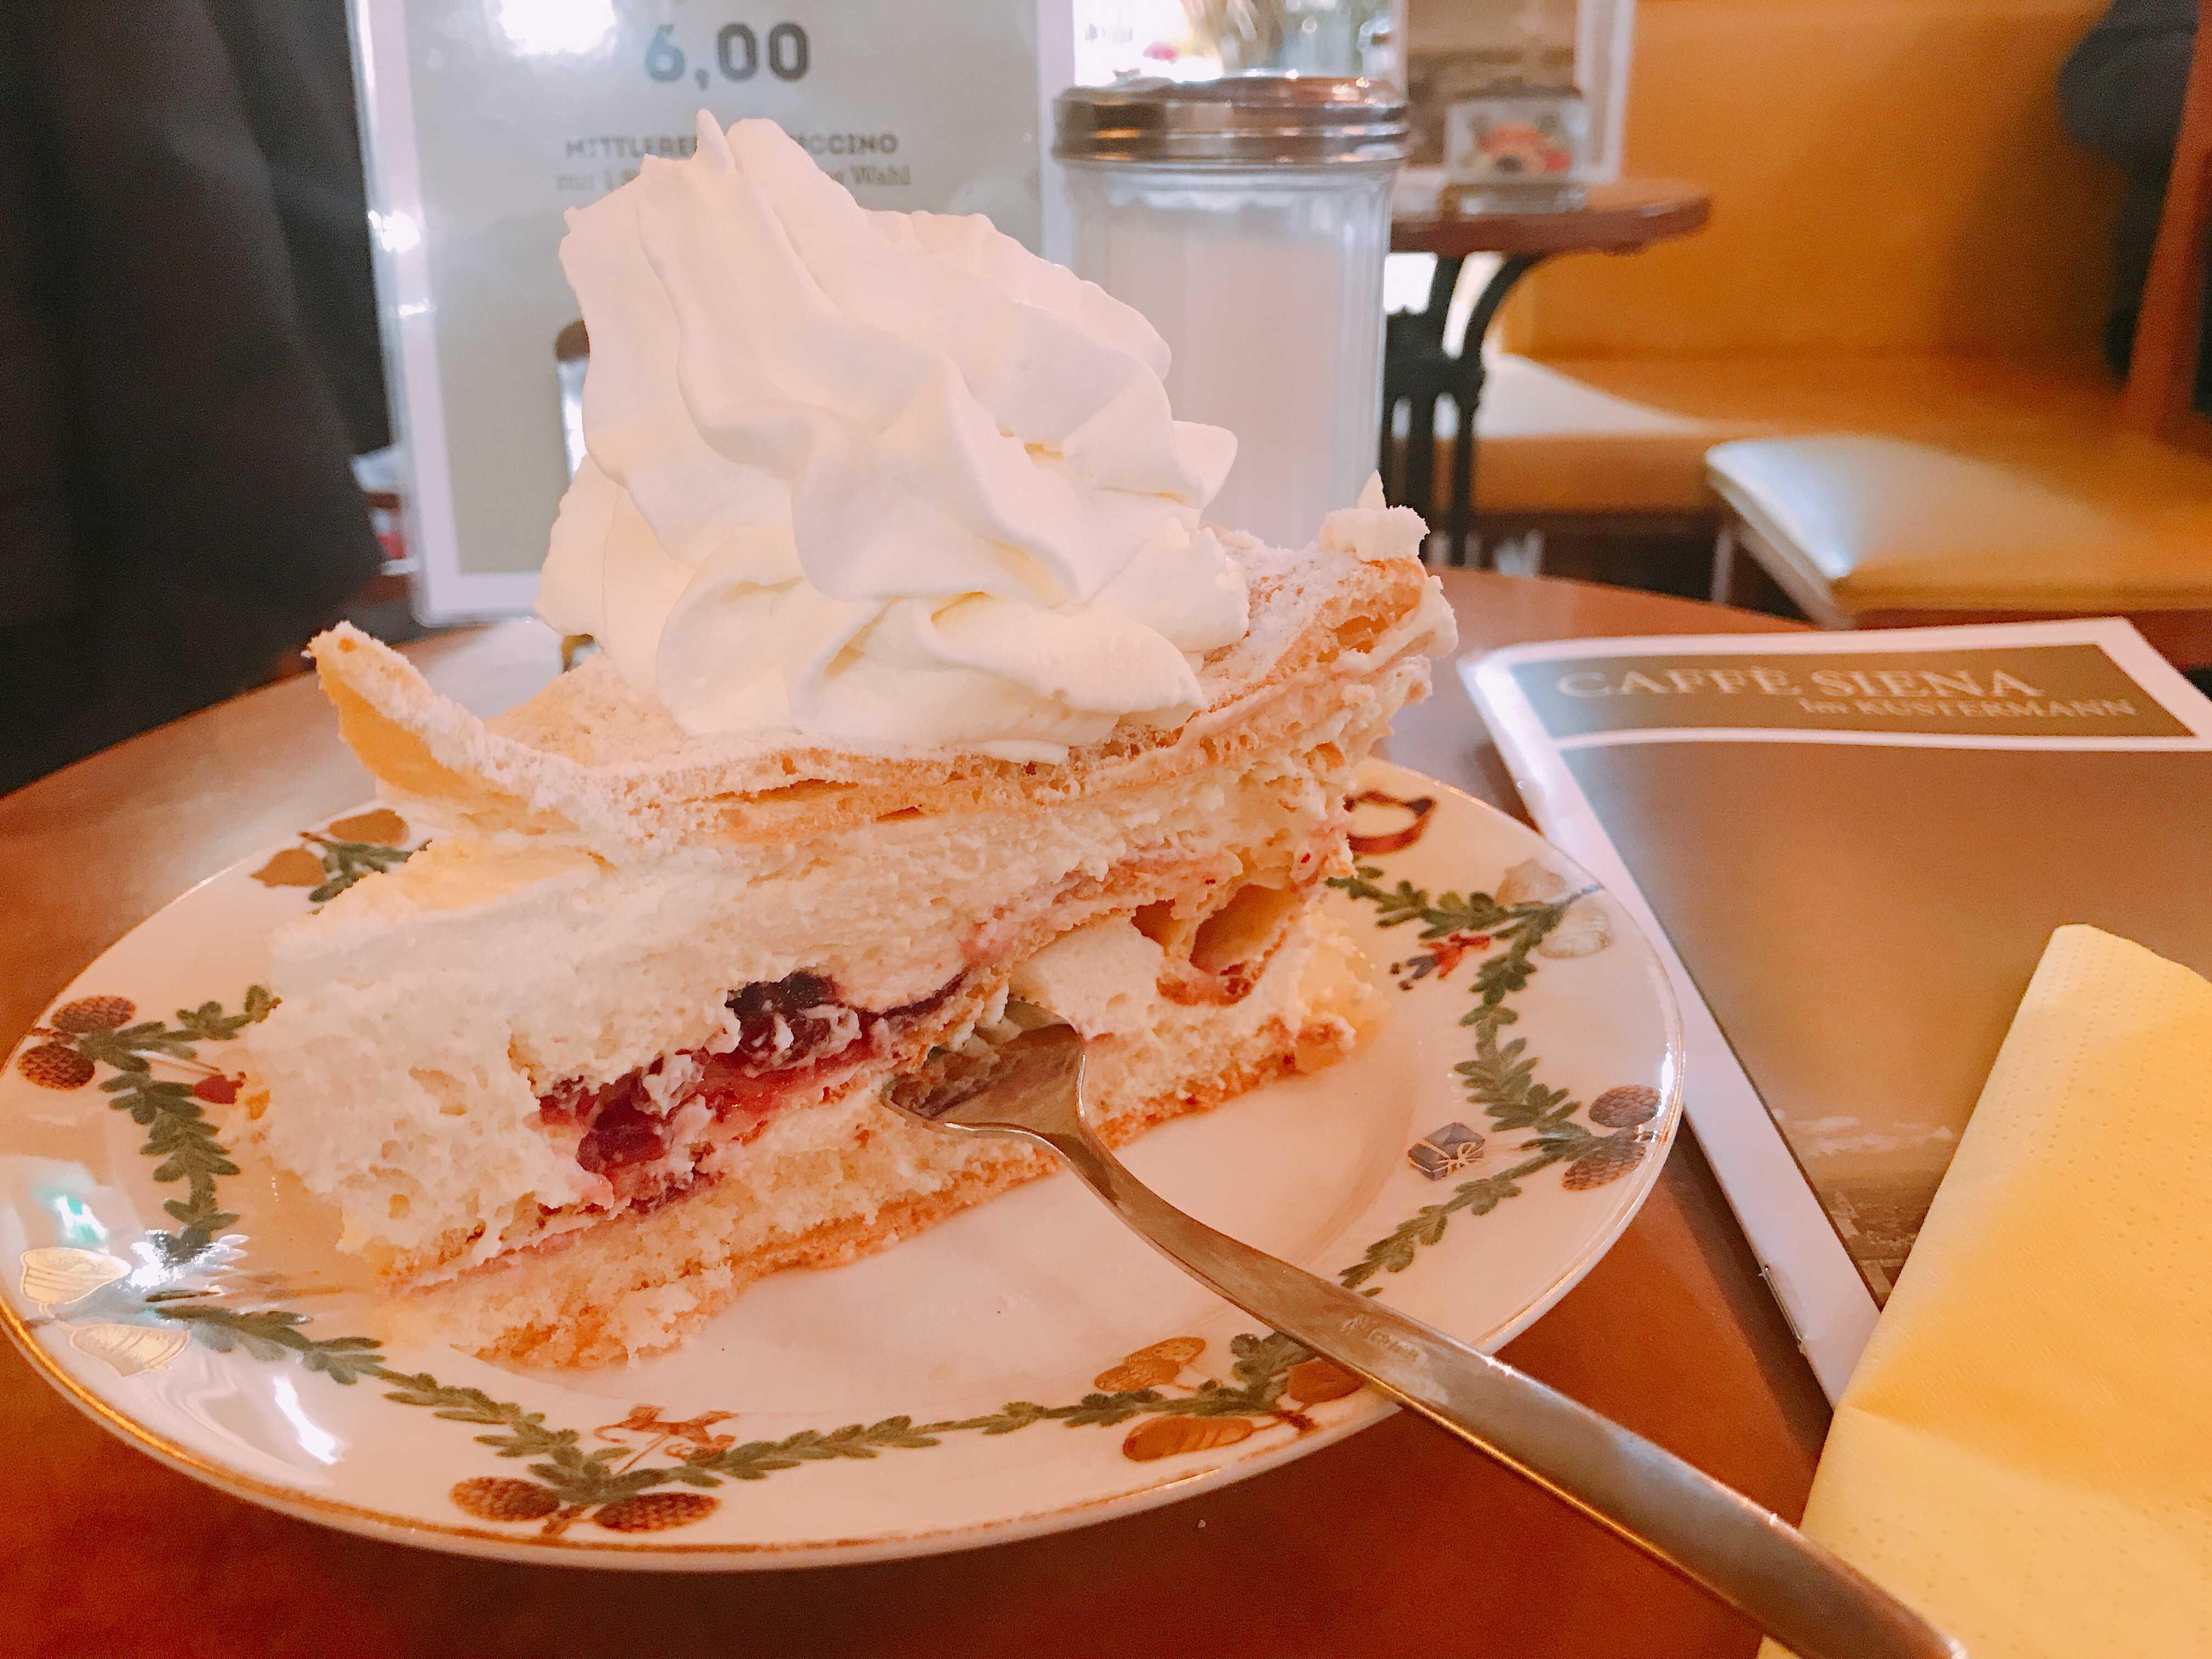 德國.慕尼黑|連Google Map都找不到 藏身高級百貨、又大又美味的阿嬤級咖啡廳